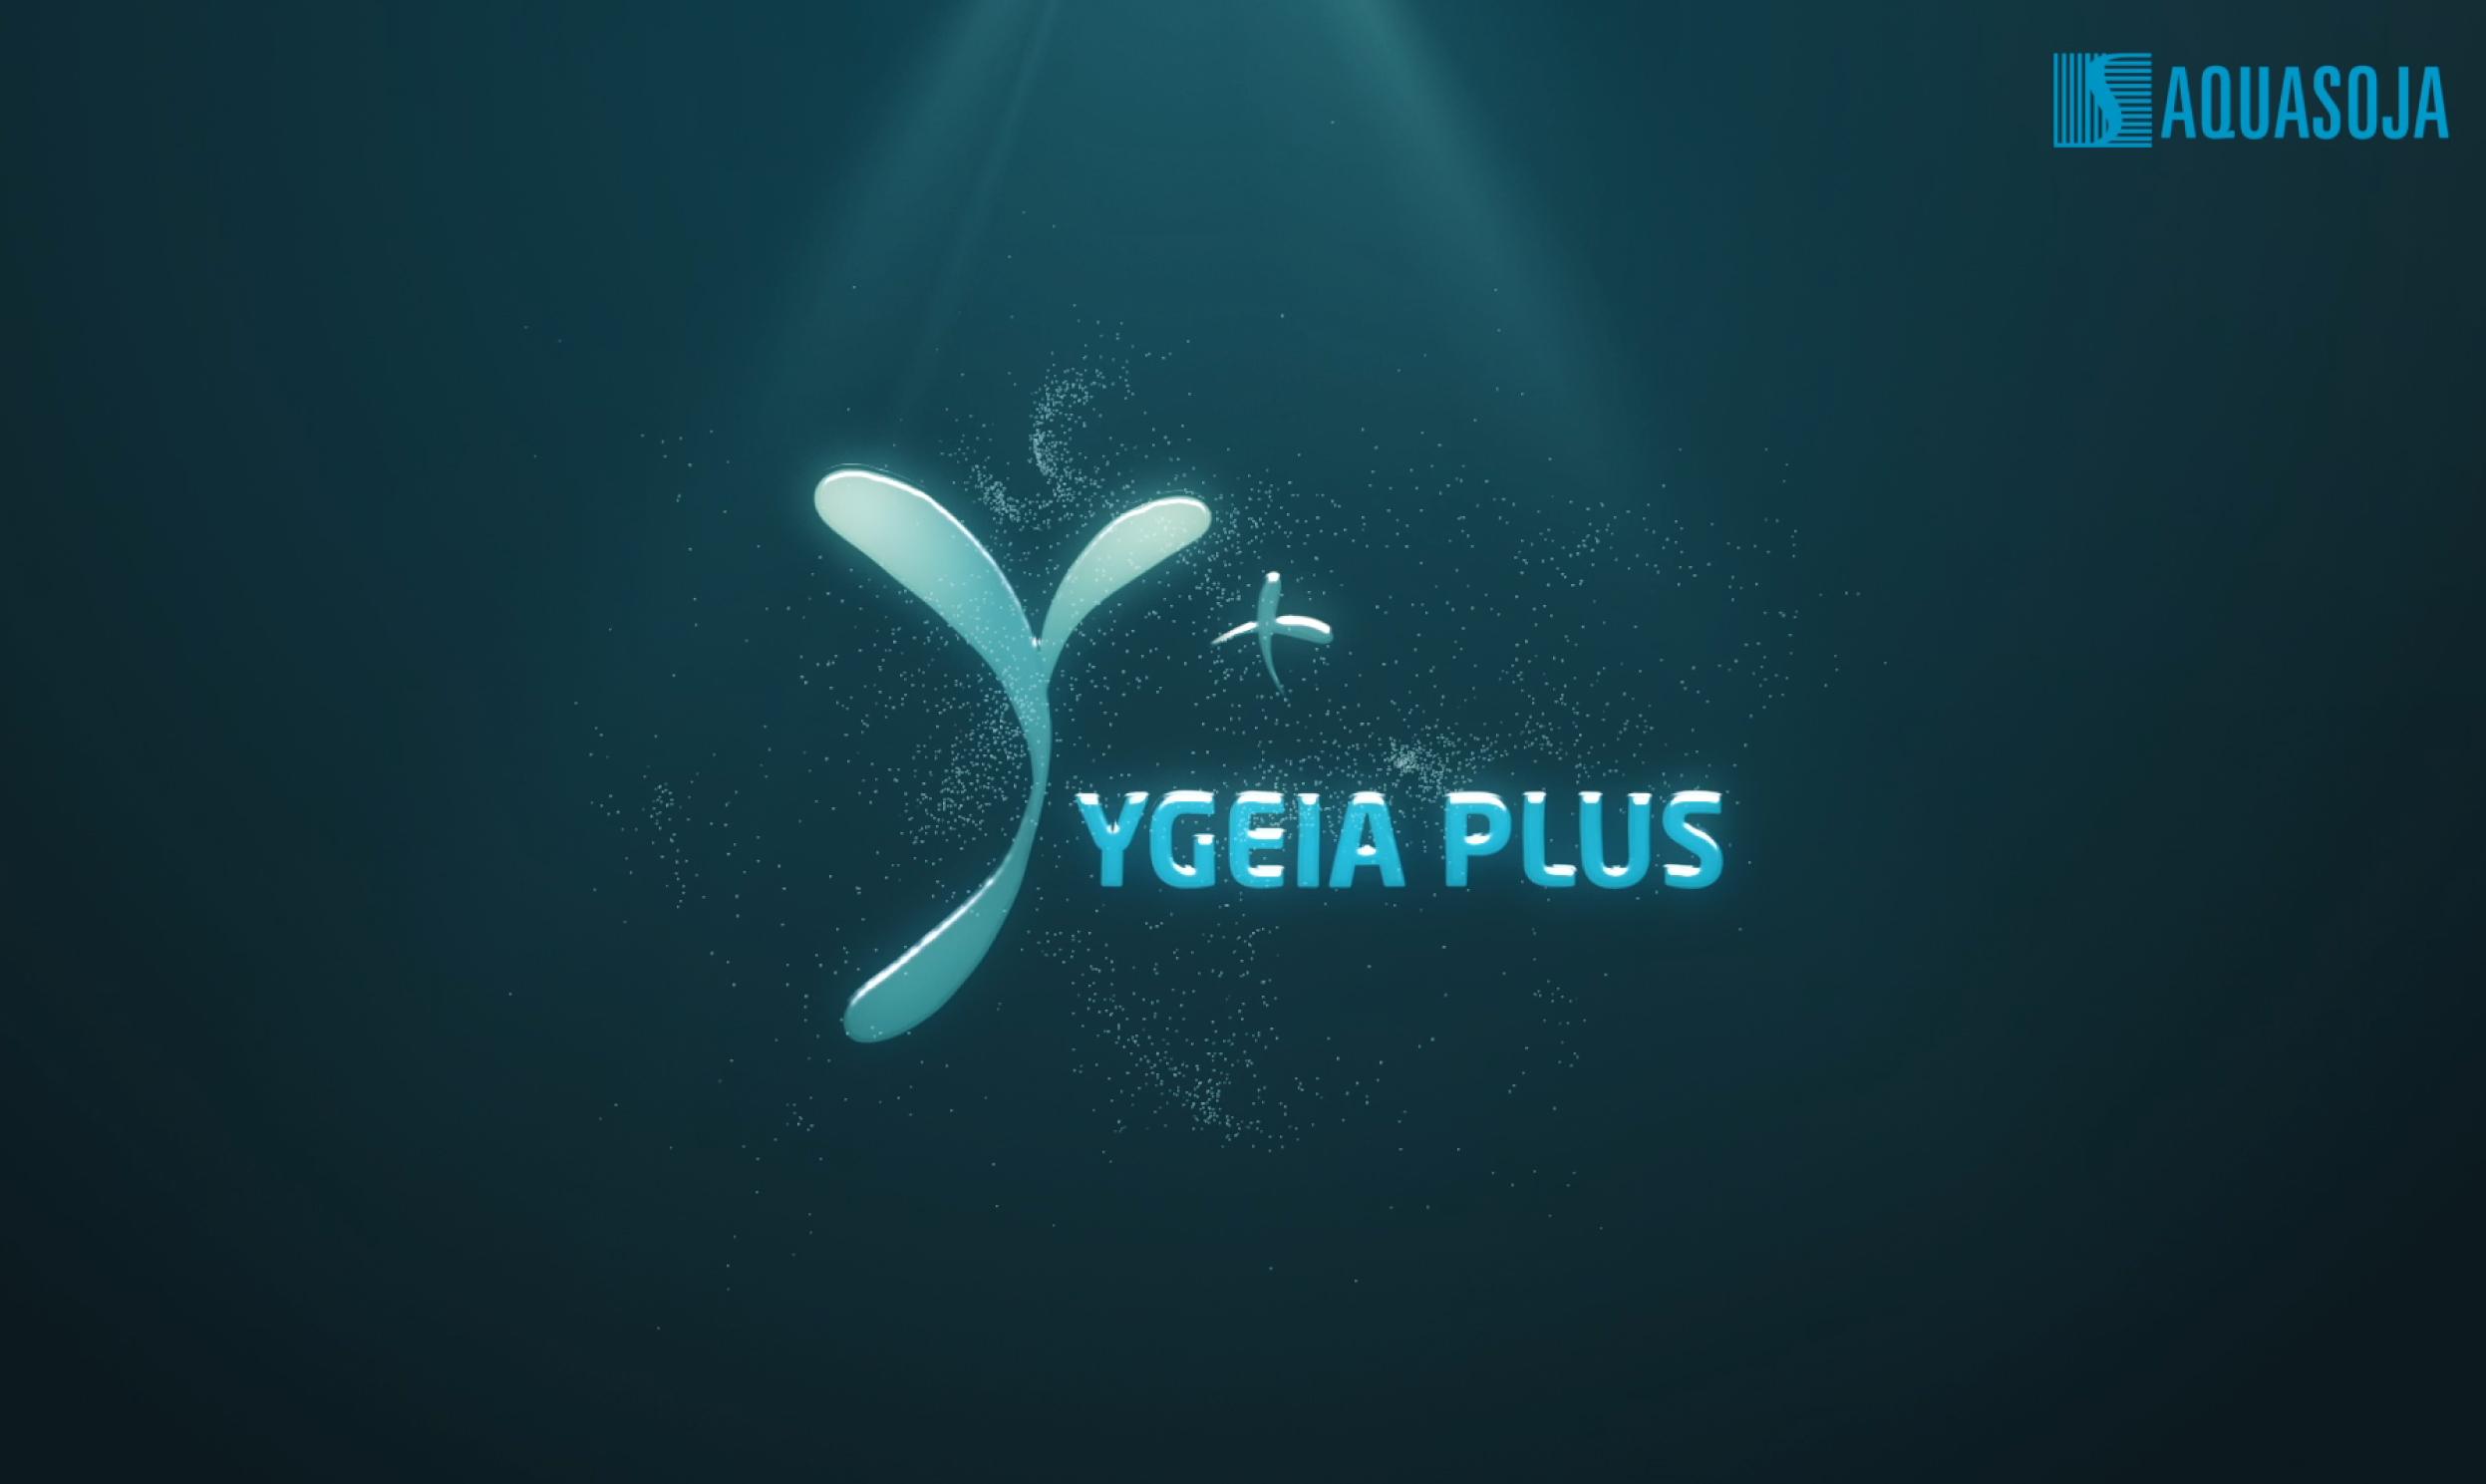 YGEIA PLUS